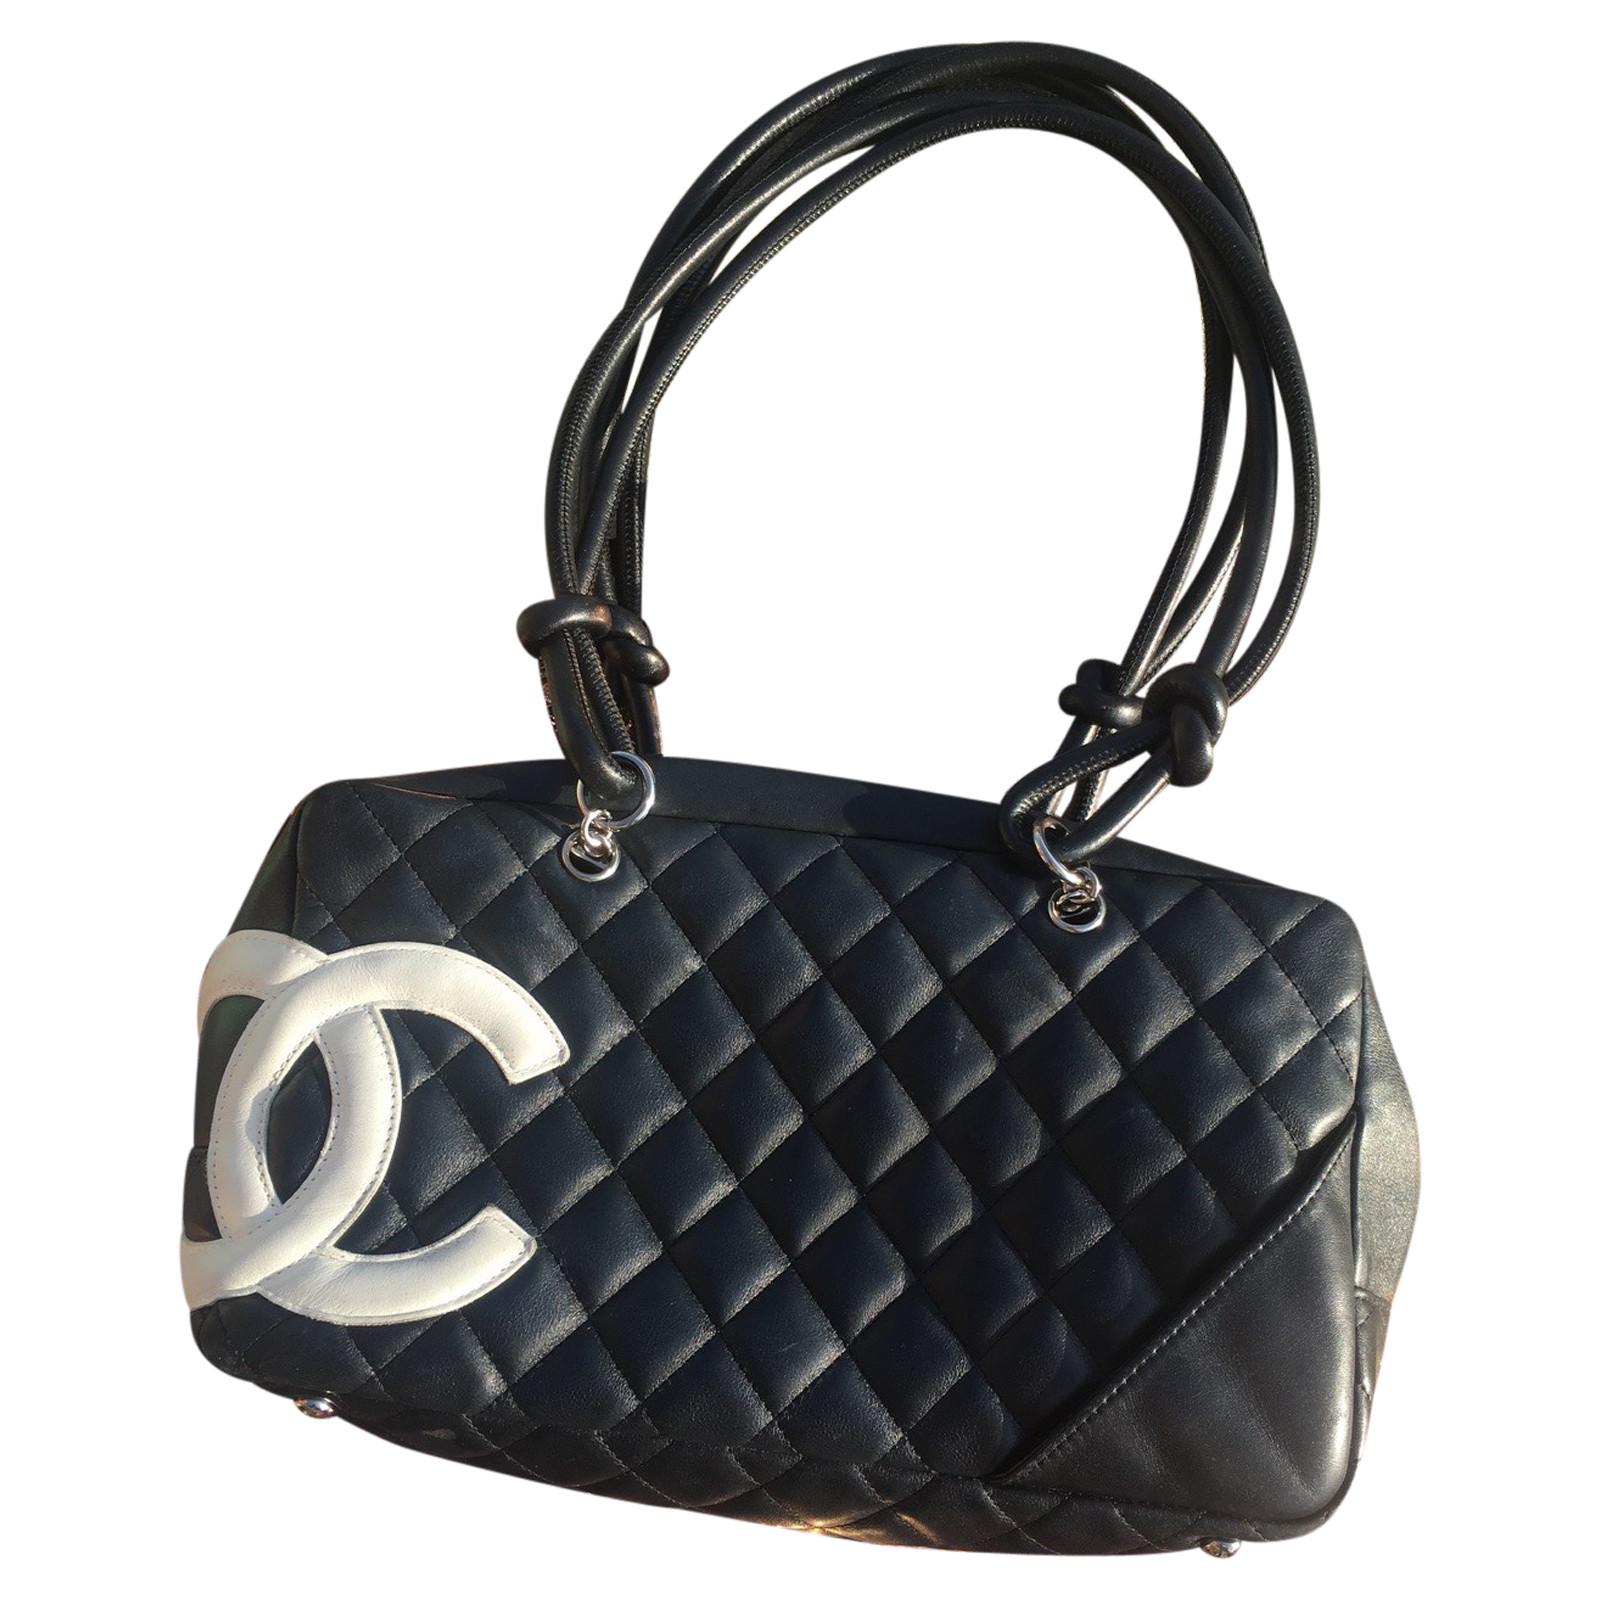 informazioni per 701fe d054a Chanel Borsa a tracolla in Pelle - Second hand Chanel Borsa a ...